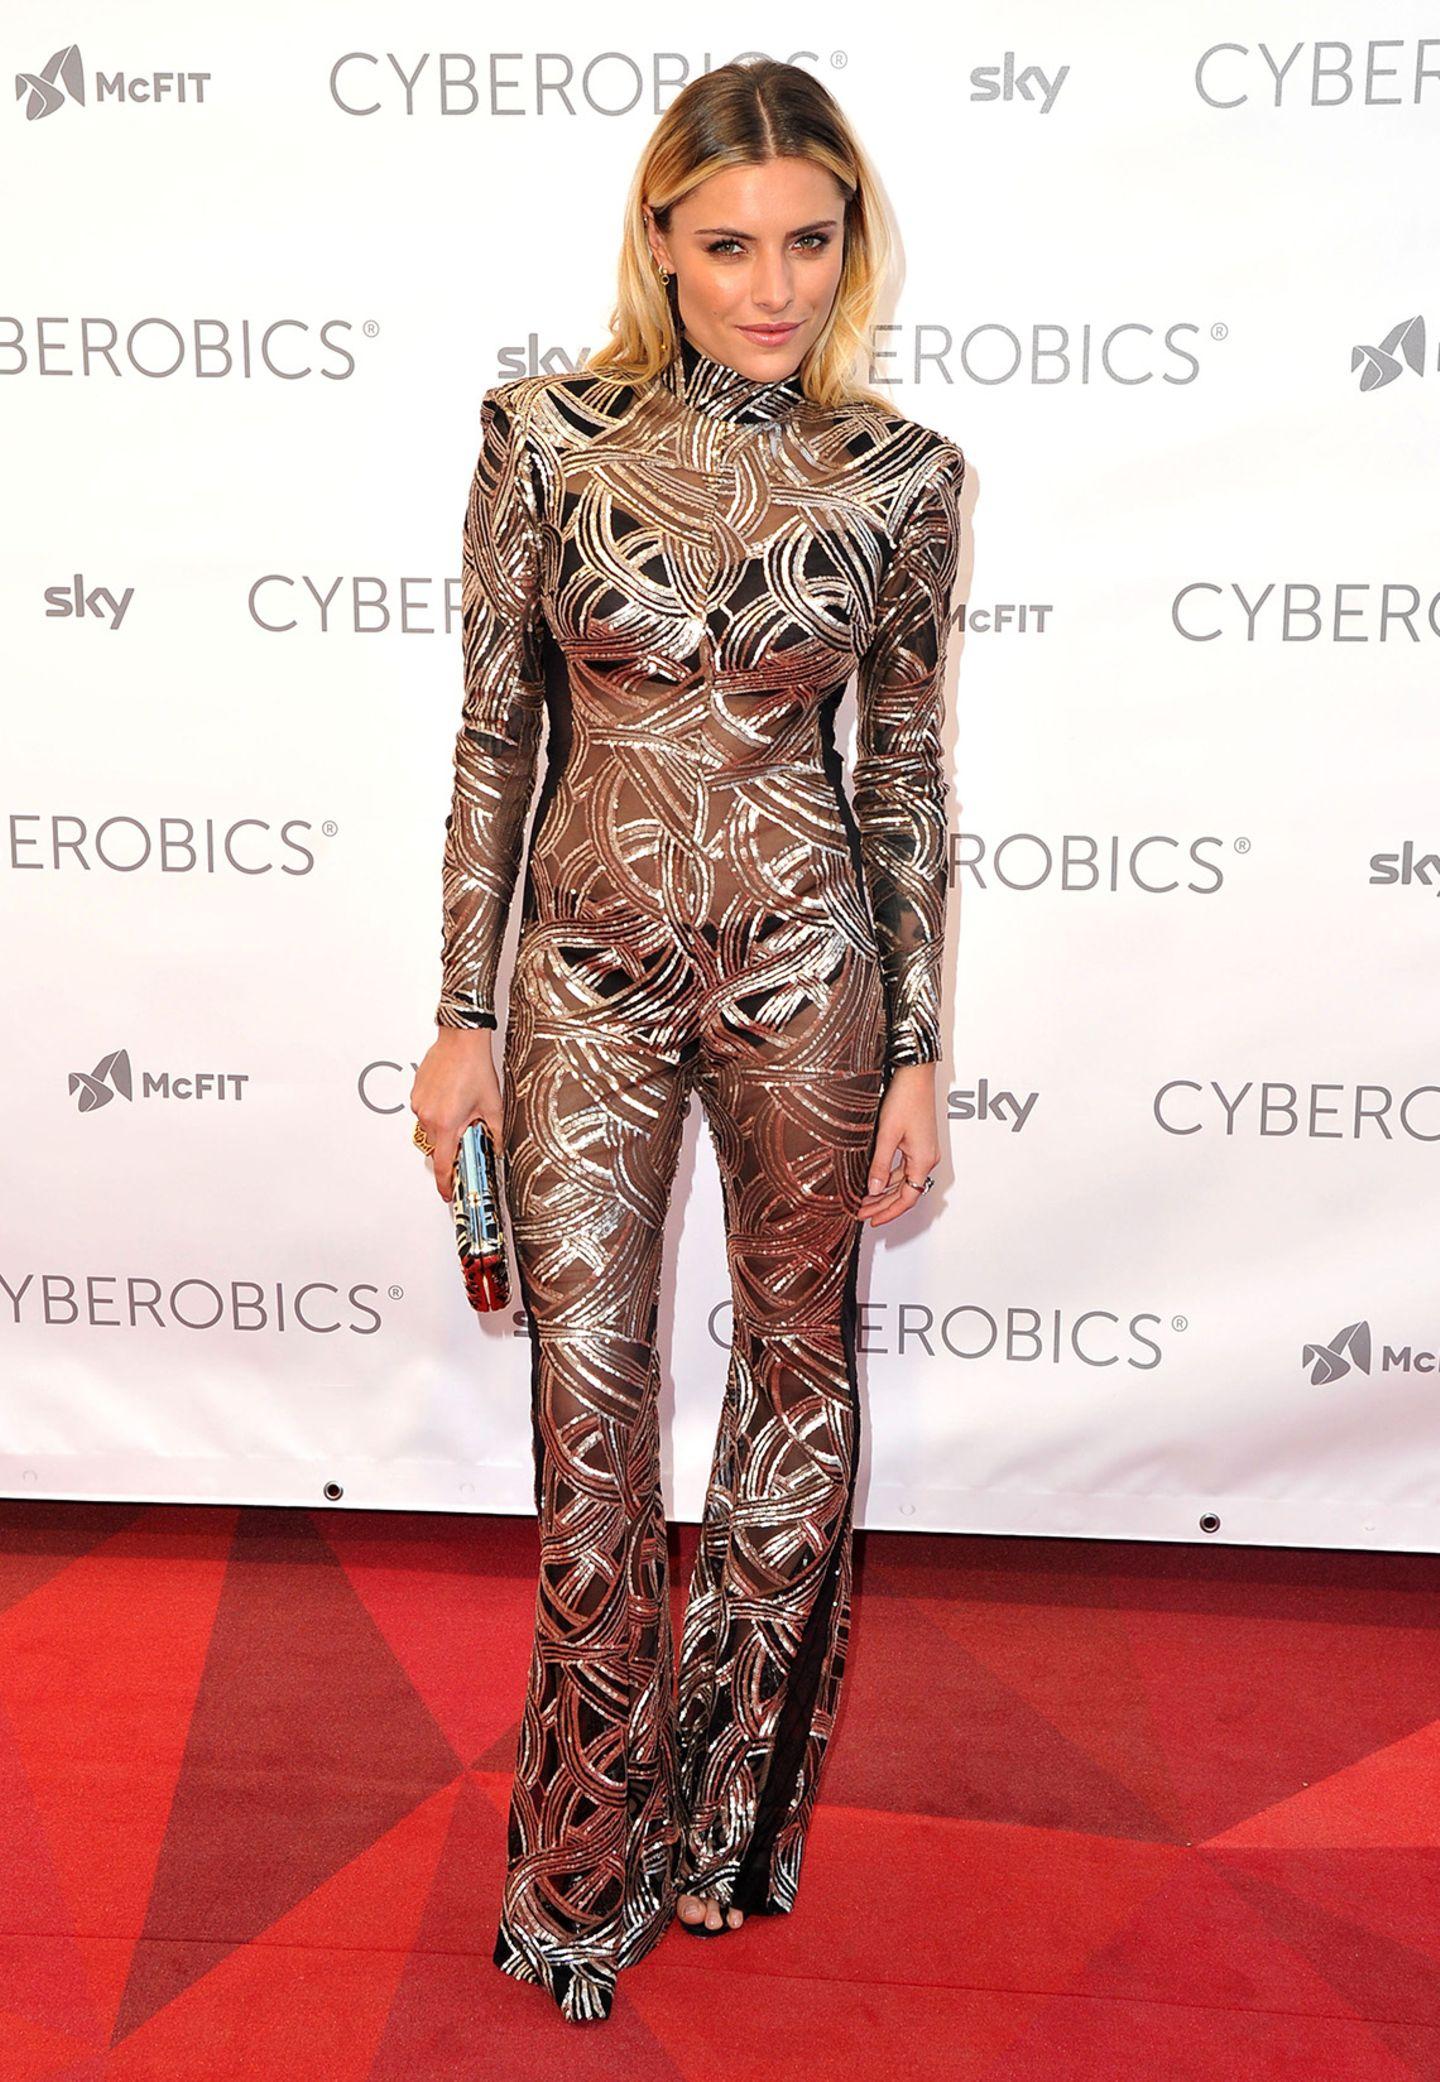 """Sophia Thomallas futuristischer Metallic-Jumpsuit mit viel Durchschein ist sicherlich Geschmackssache, ein Hingucker war sie damit auf dem roten Teppich der Eröffnung des """"World of Cyberobics""""-Sportstudios in Berlin auf jeden Fall."""